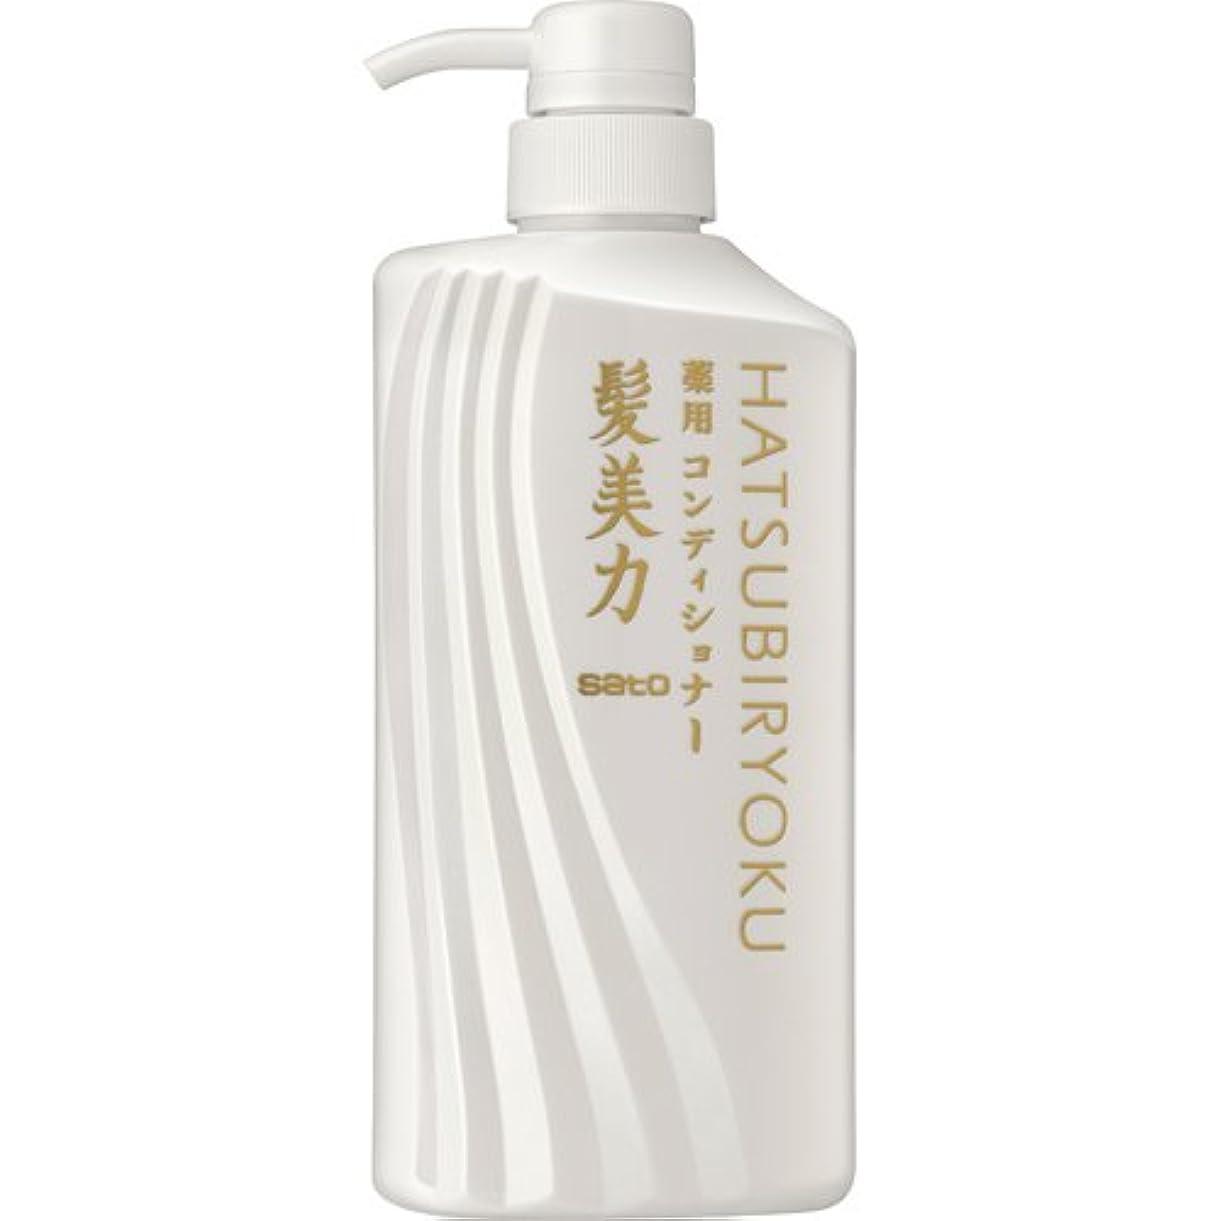 受益者亜熱帯端末佐藤製薬 髪美力(はつびりょく) 薬用スカルプコンディショナー 500ml E418006H